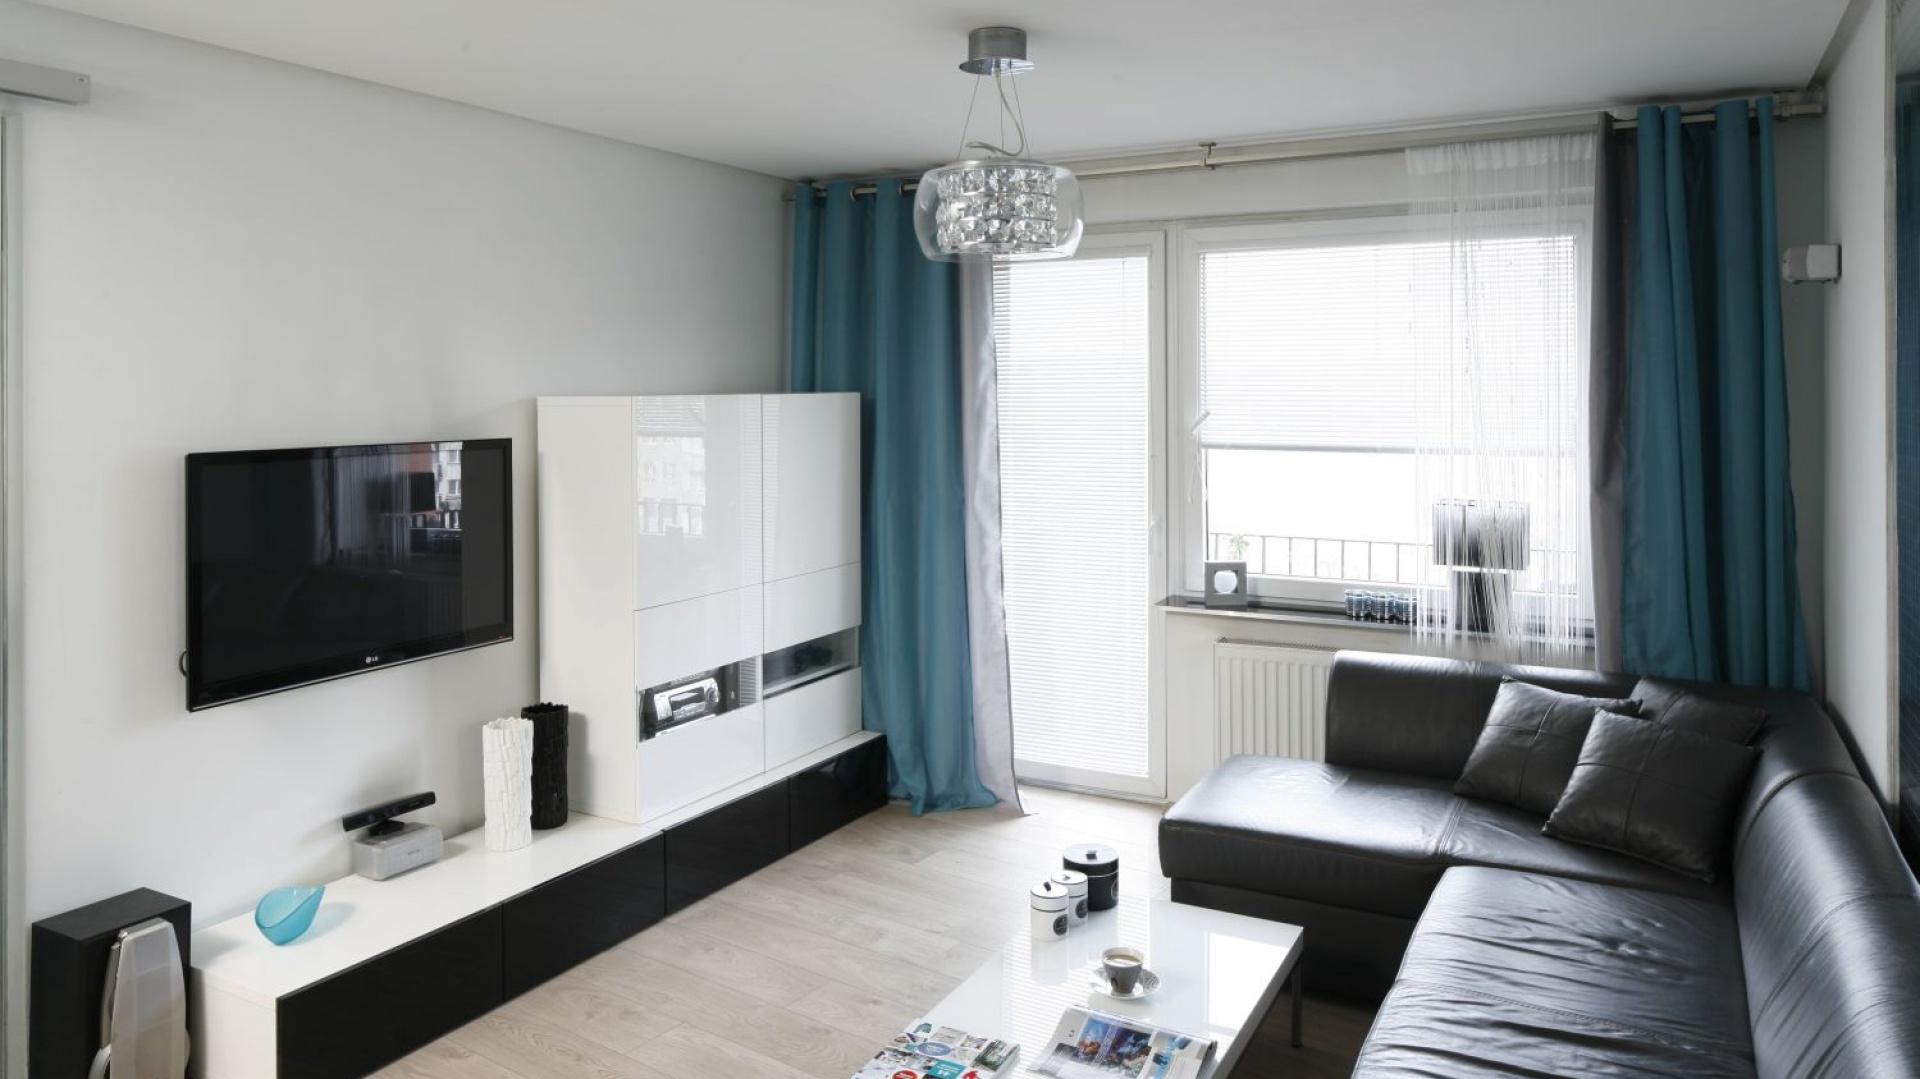 Meble umieszczone w salonie są wyrazem nowoczesności poprzez charakterystycznie zarysowane kształty i fronty na wysoki połysk. Eleganckim akcentem jest tutaj czarny kolor frontu na szafce RTV.